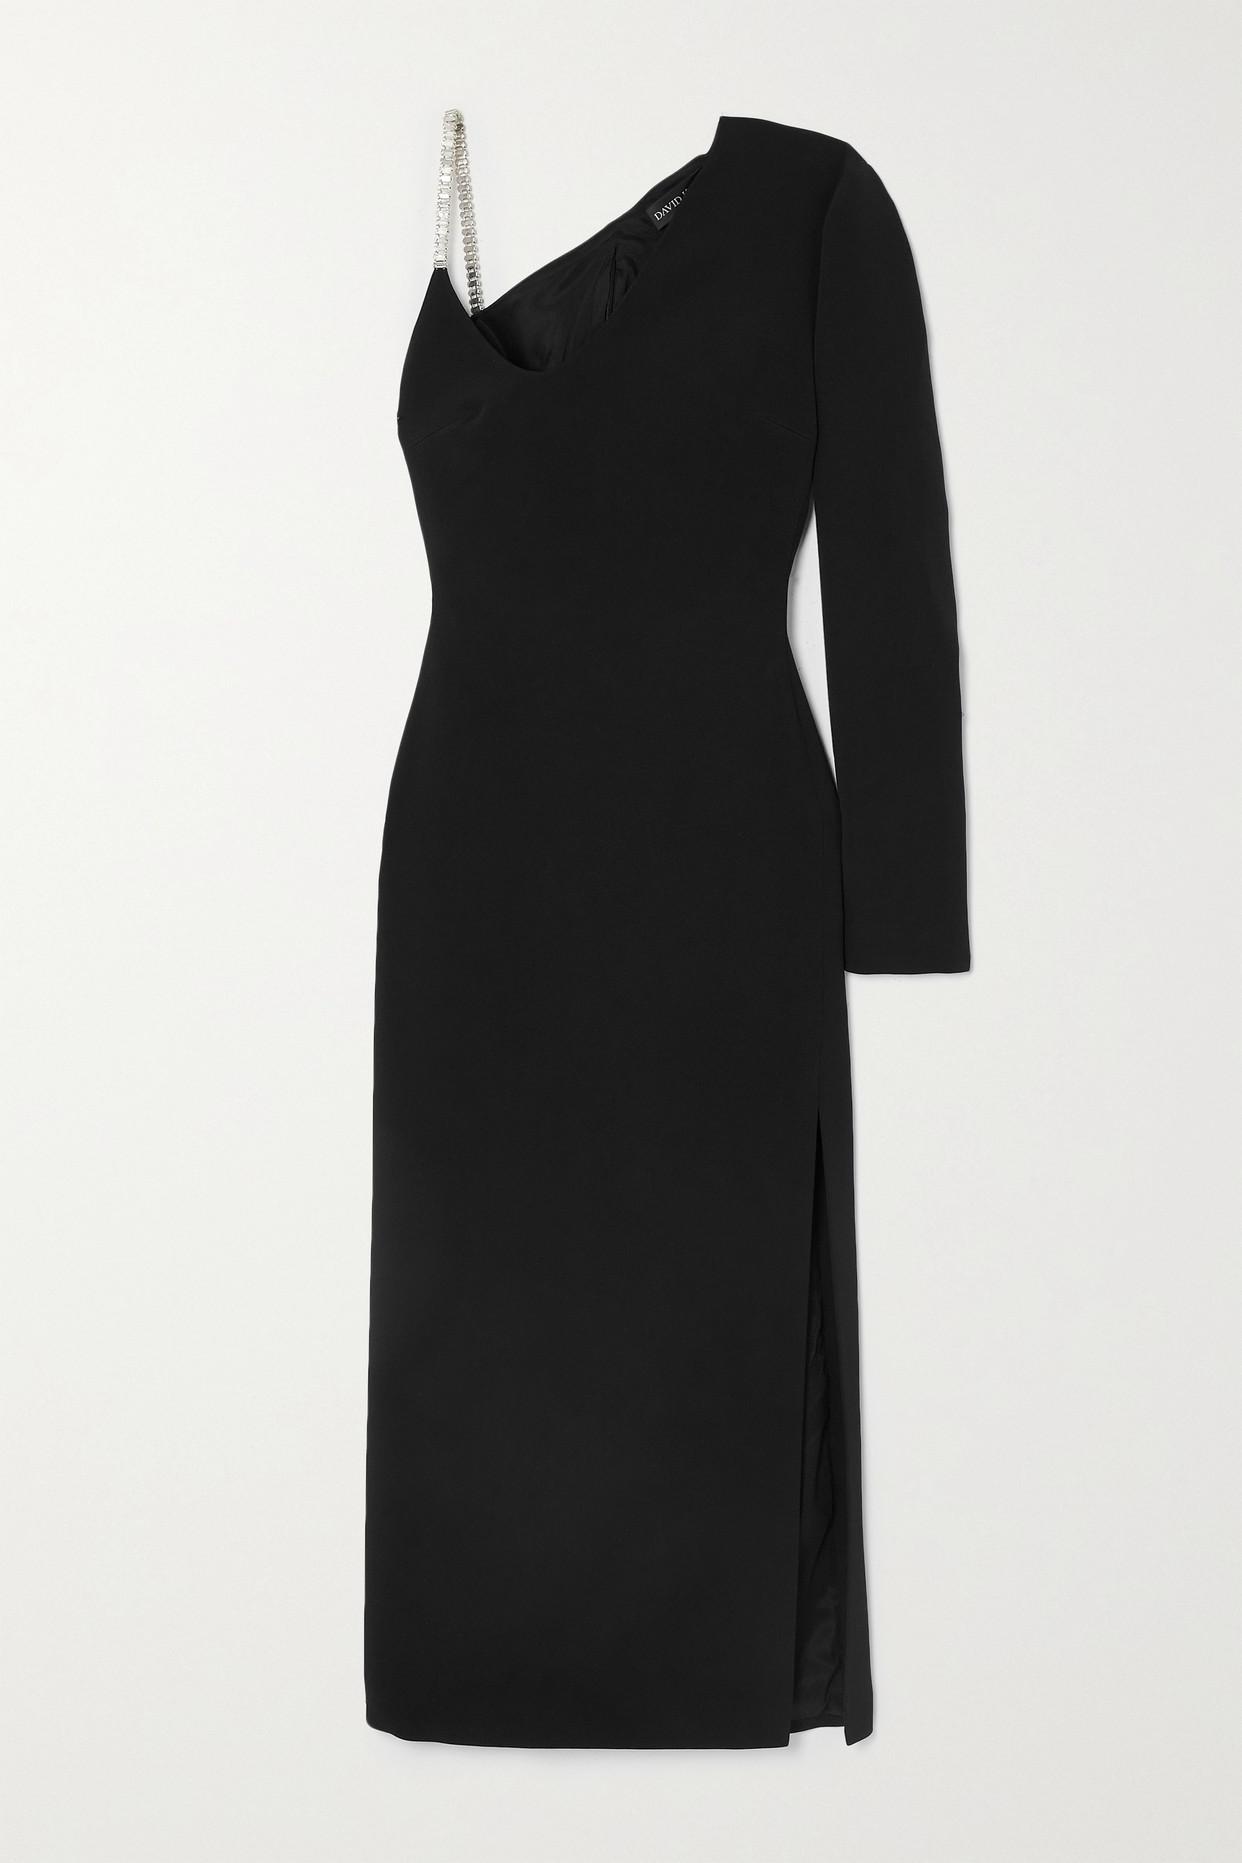 DAVID KOMA - One-sleeve Crystal-embellished Cady Midi Dress - Black - UK12